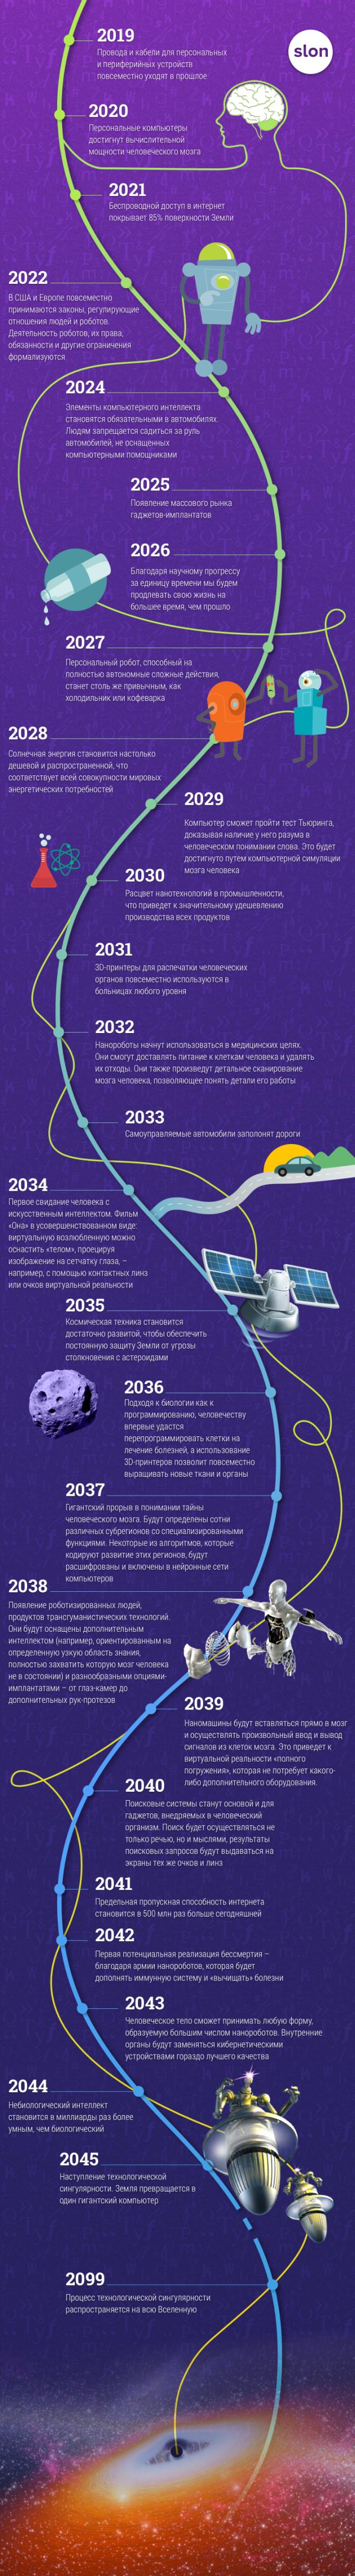 Плани на майбутнє. Прогнози Рея Курцвейла на 2019-2099 роки